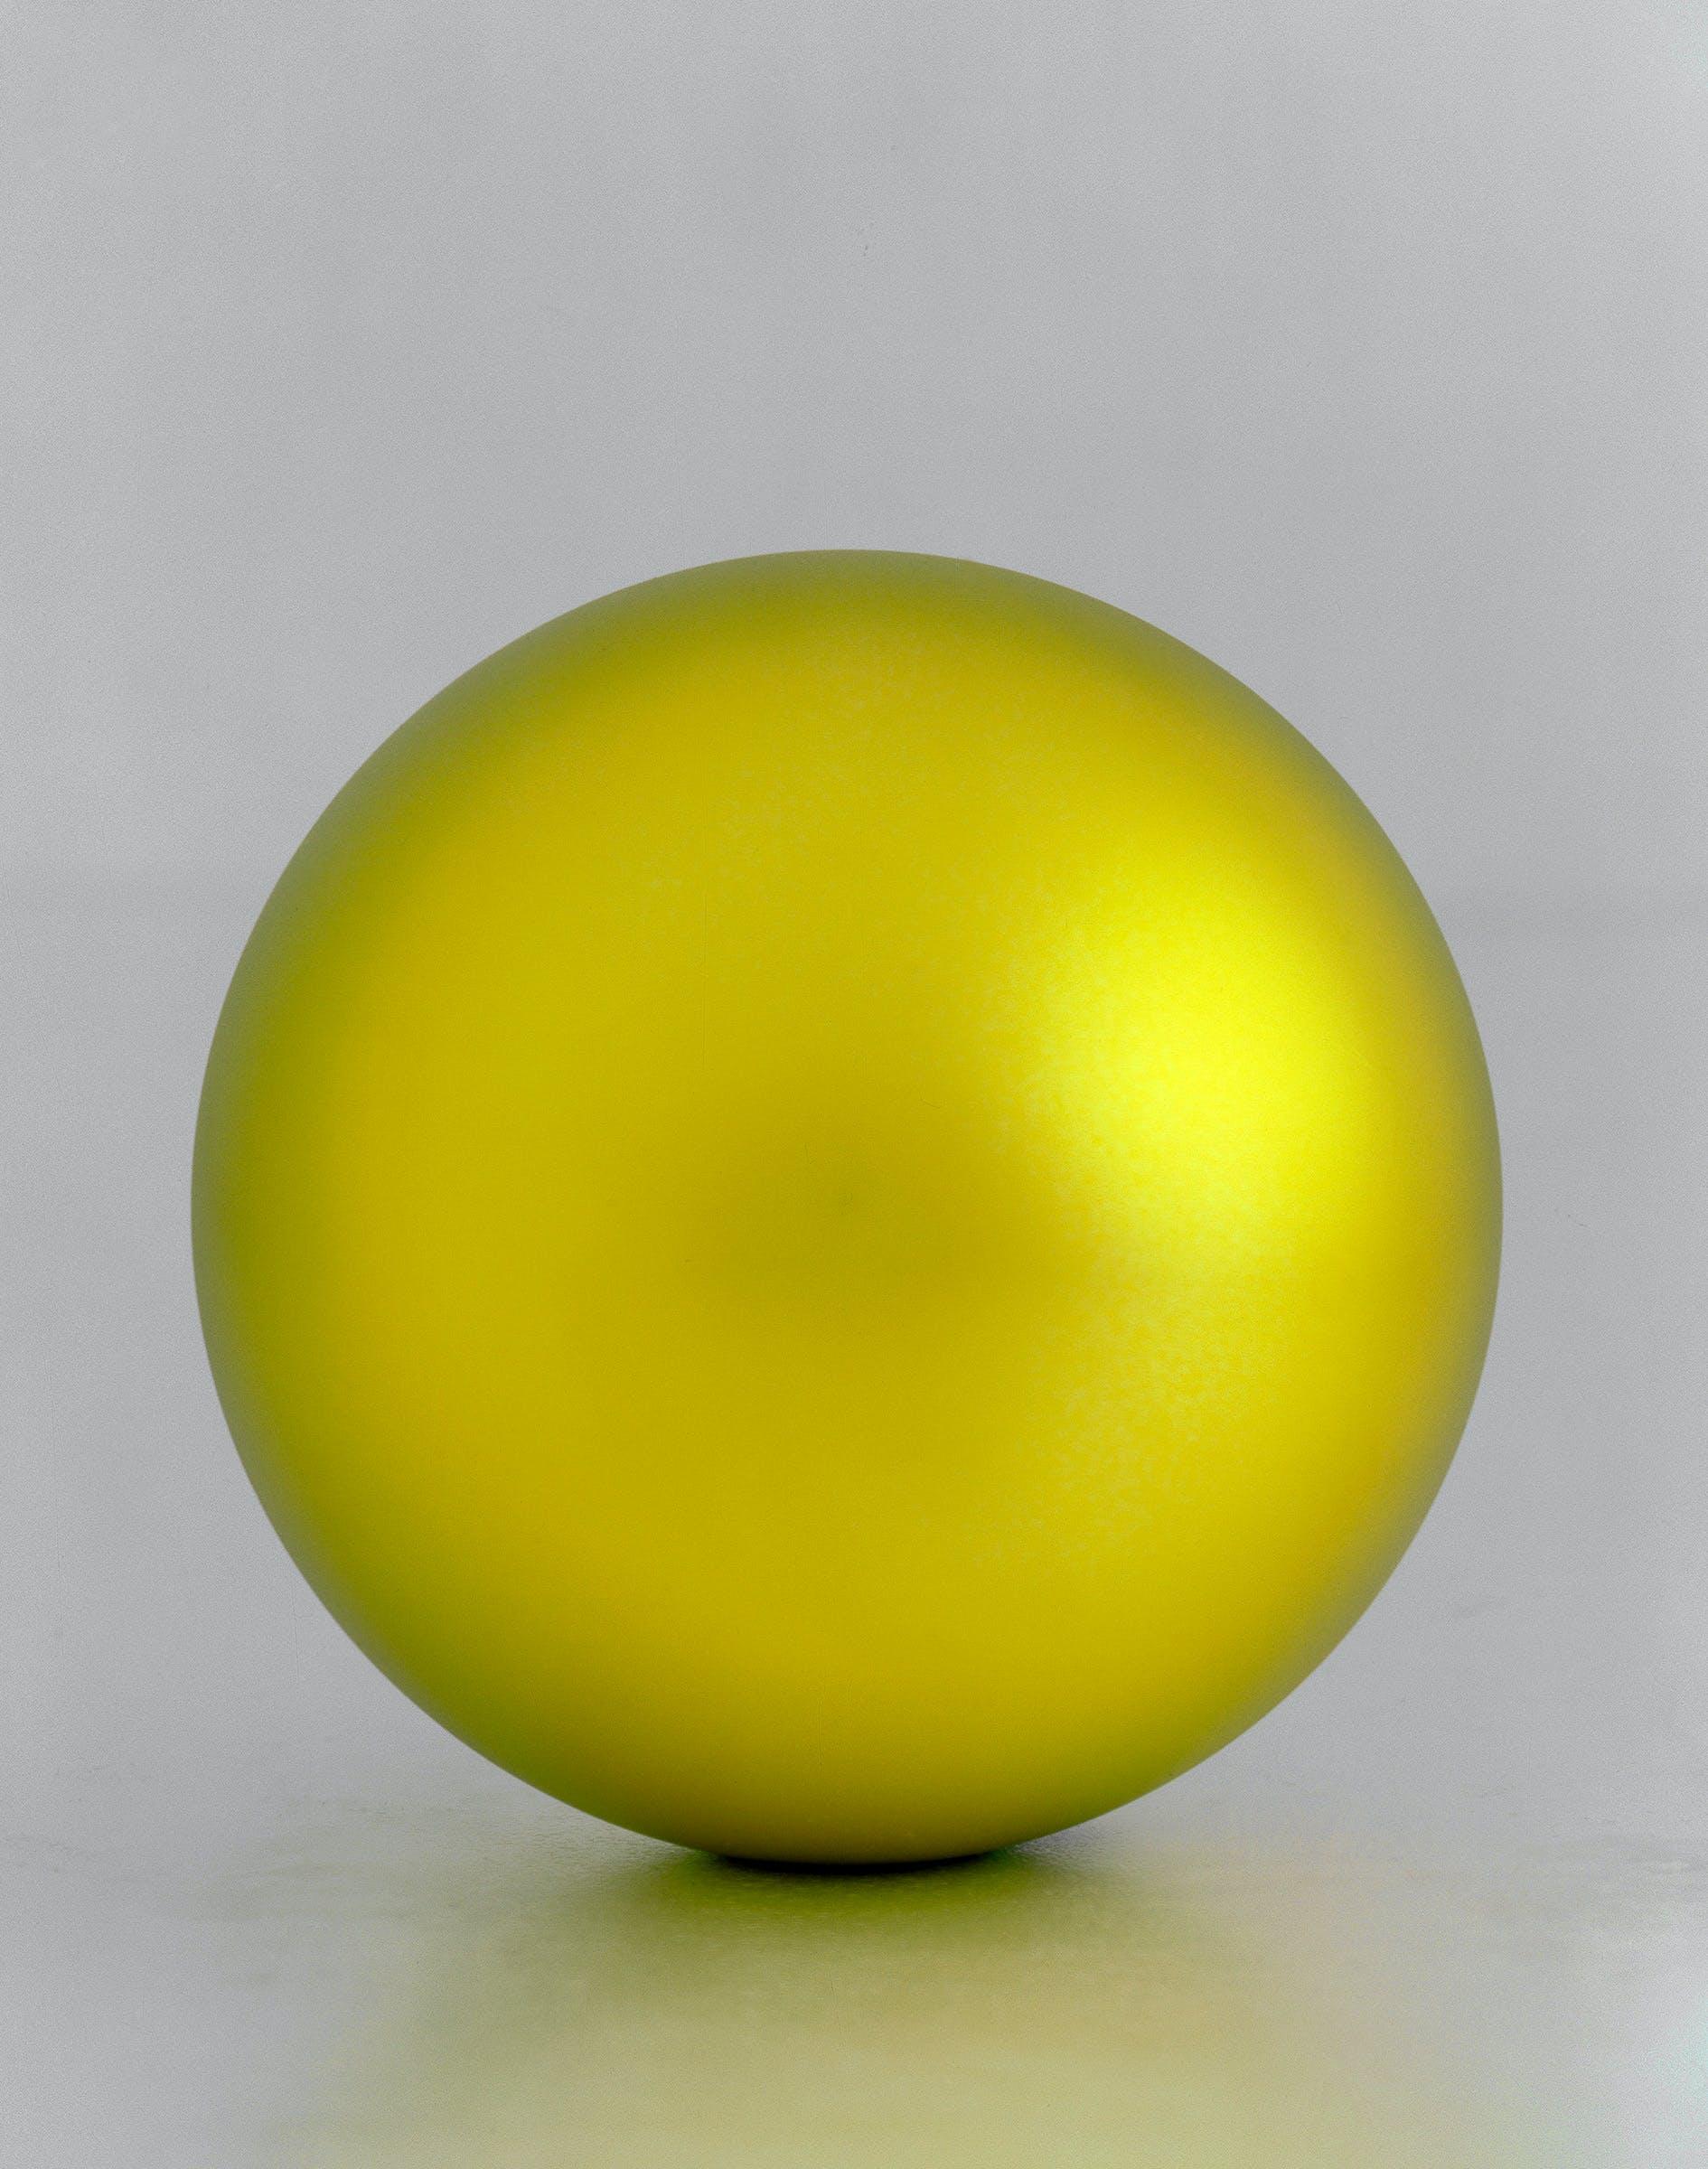 golden ball sculpture image Katharina Fritsch